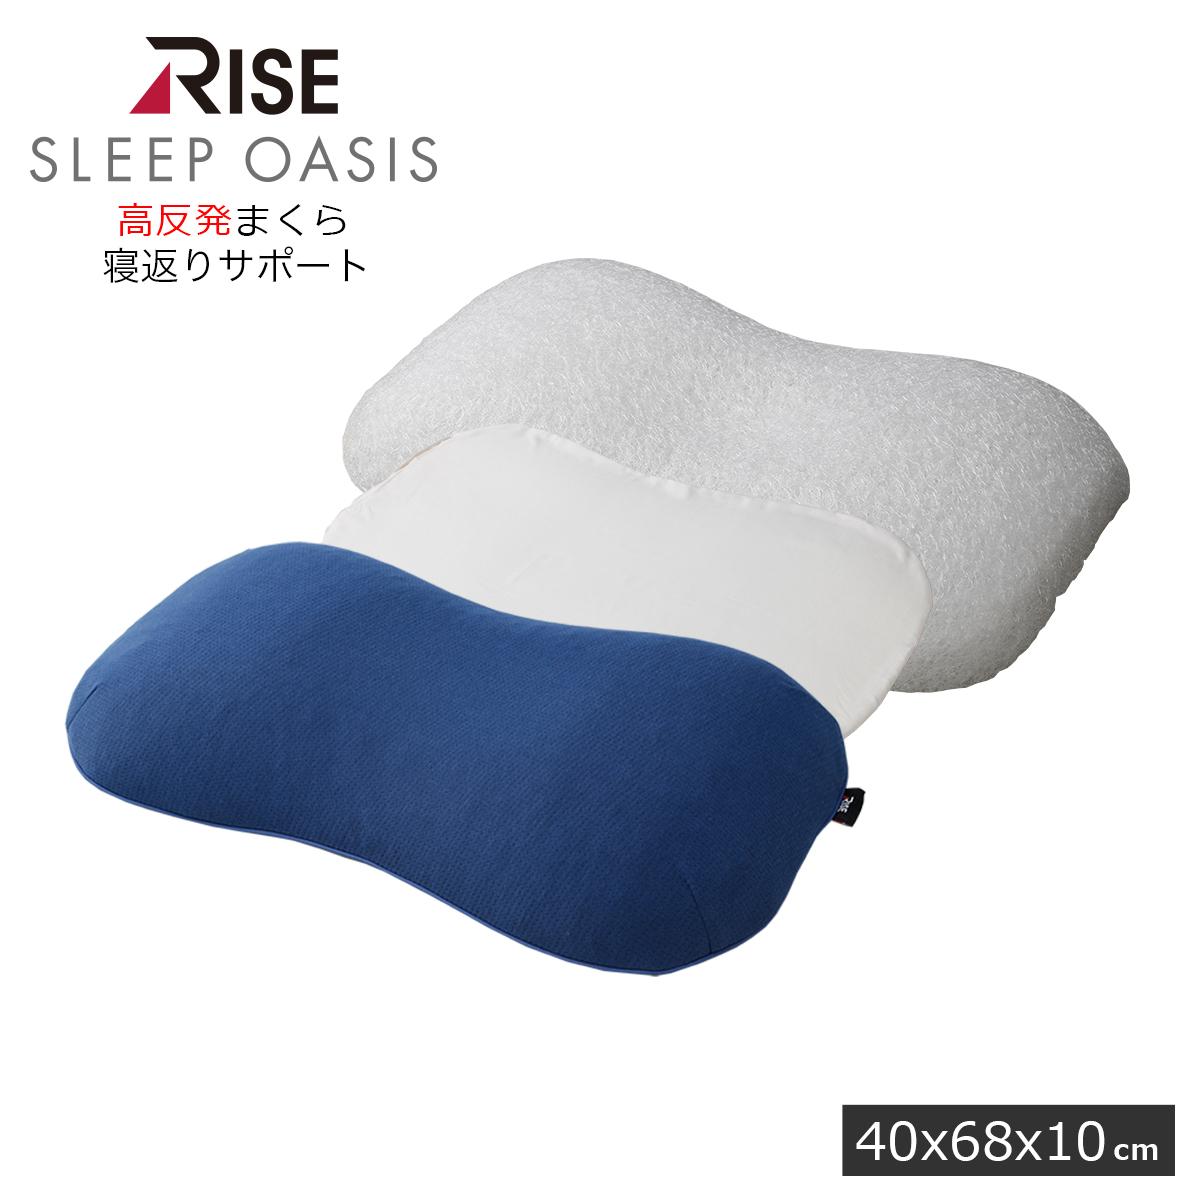 スリープオアシス 高反発ファイバーピロー 寝がえりサポート枕 SP01 ライズTOKYO